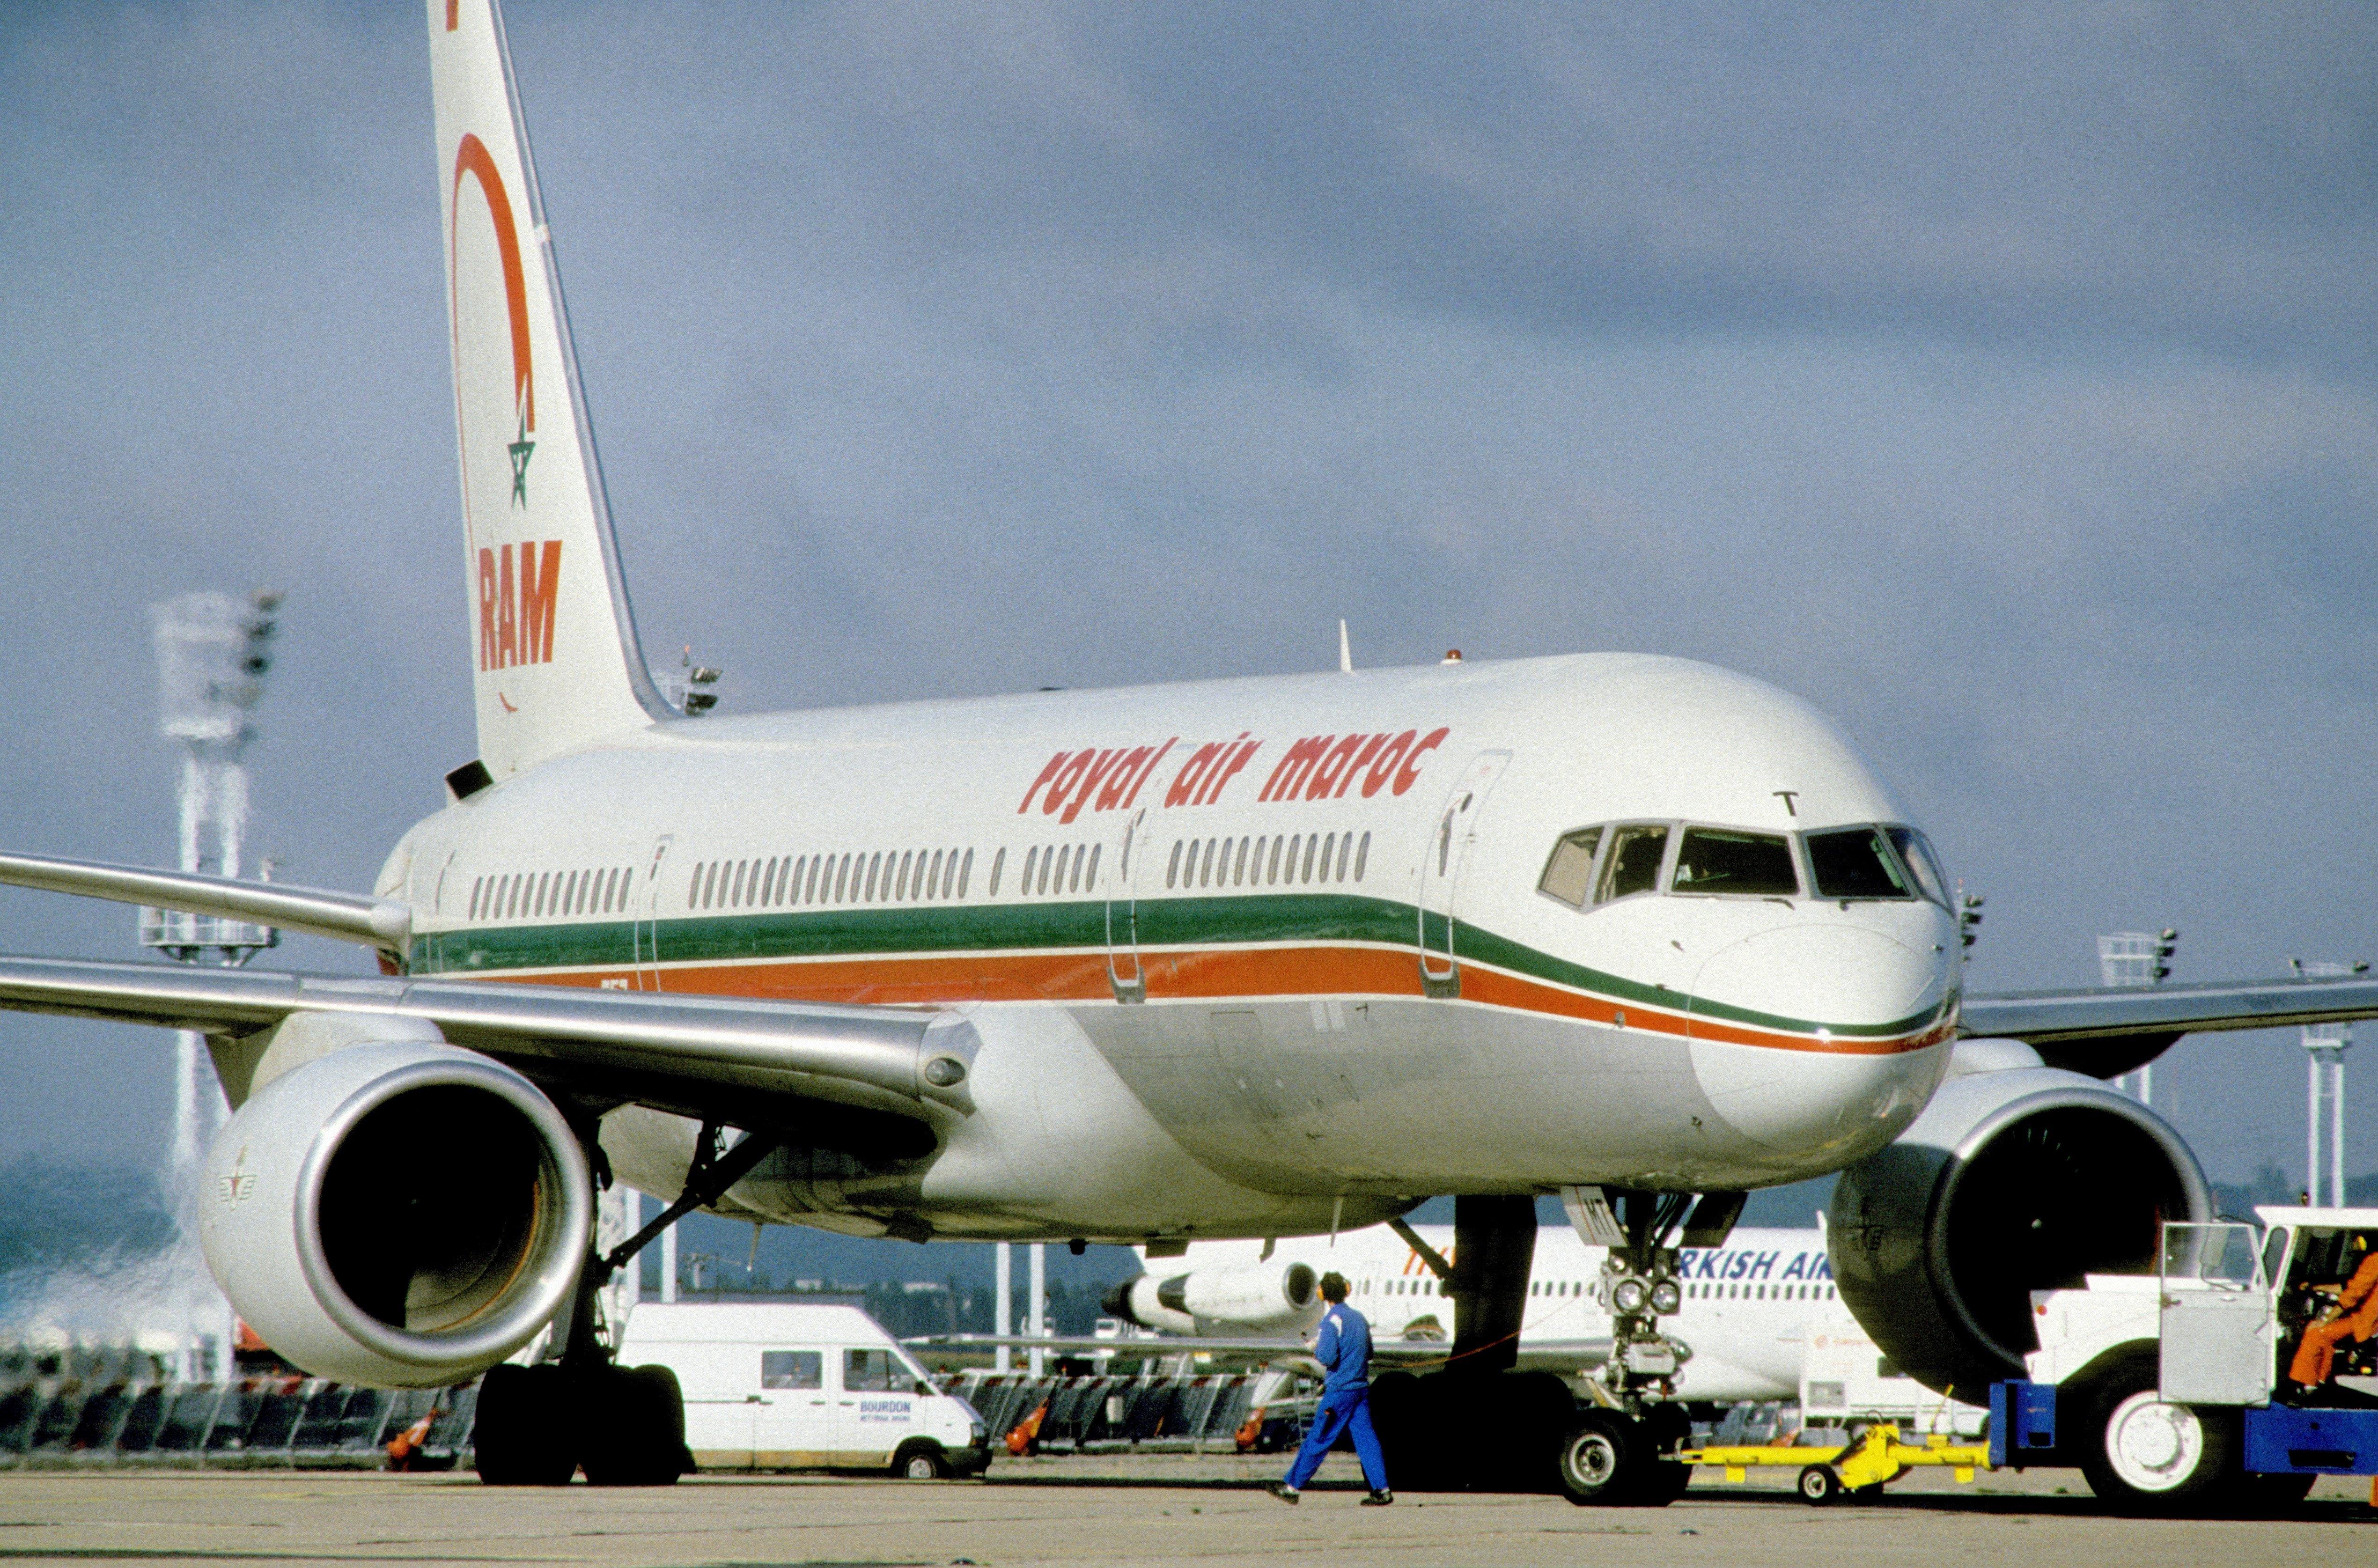 RAM: Plus de 150 vols annulés ou perturbés depuis le début de la crise